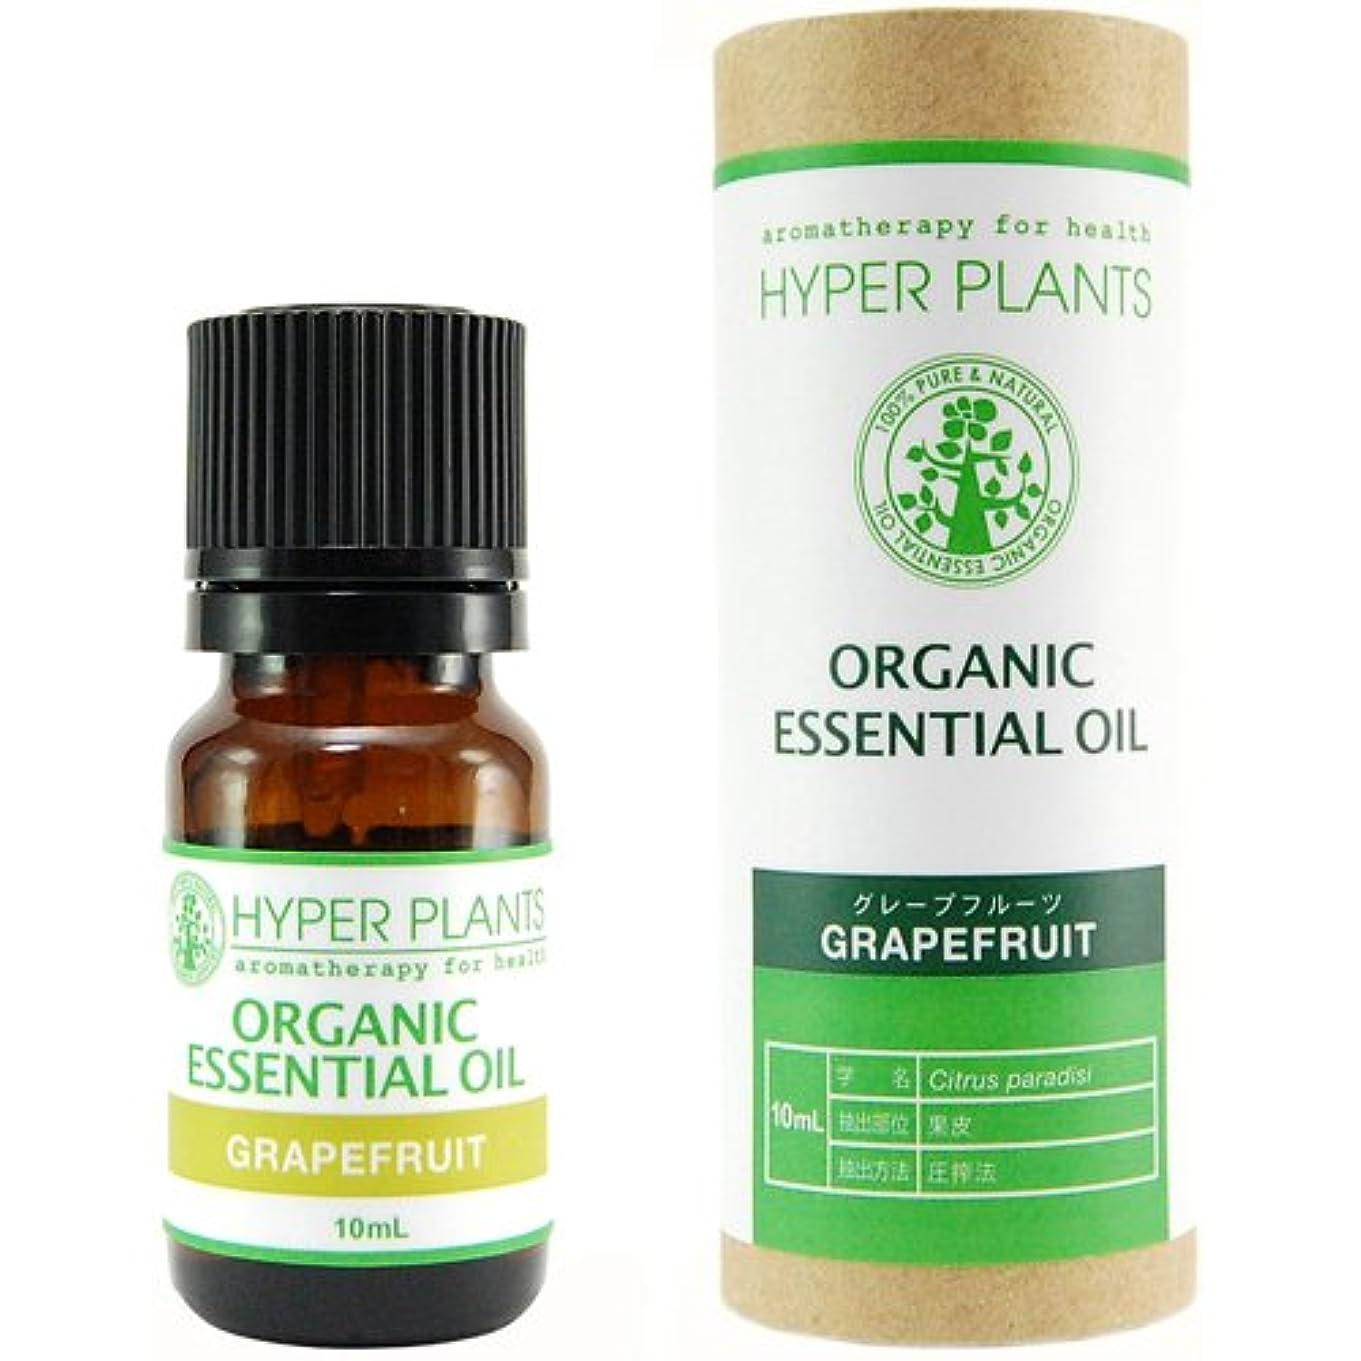 バリア拒絶酸化するHYPER PLANTS ハイパープランツ オーガニックエッセンシャルオイル グレープフルーツ 10ml HE0210